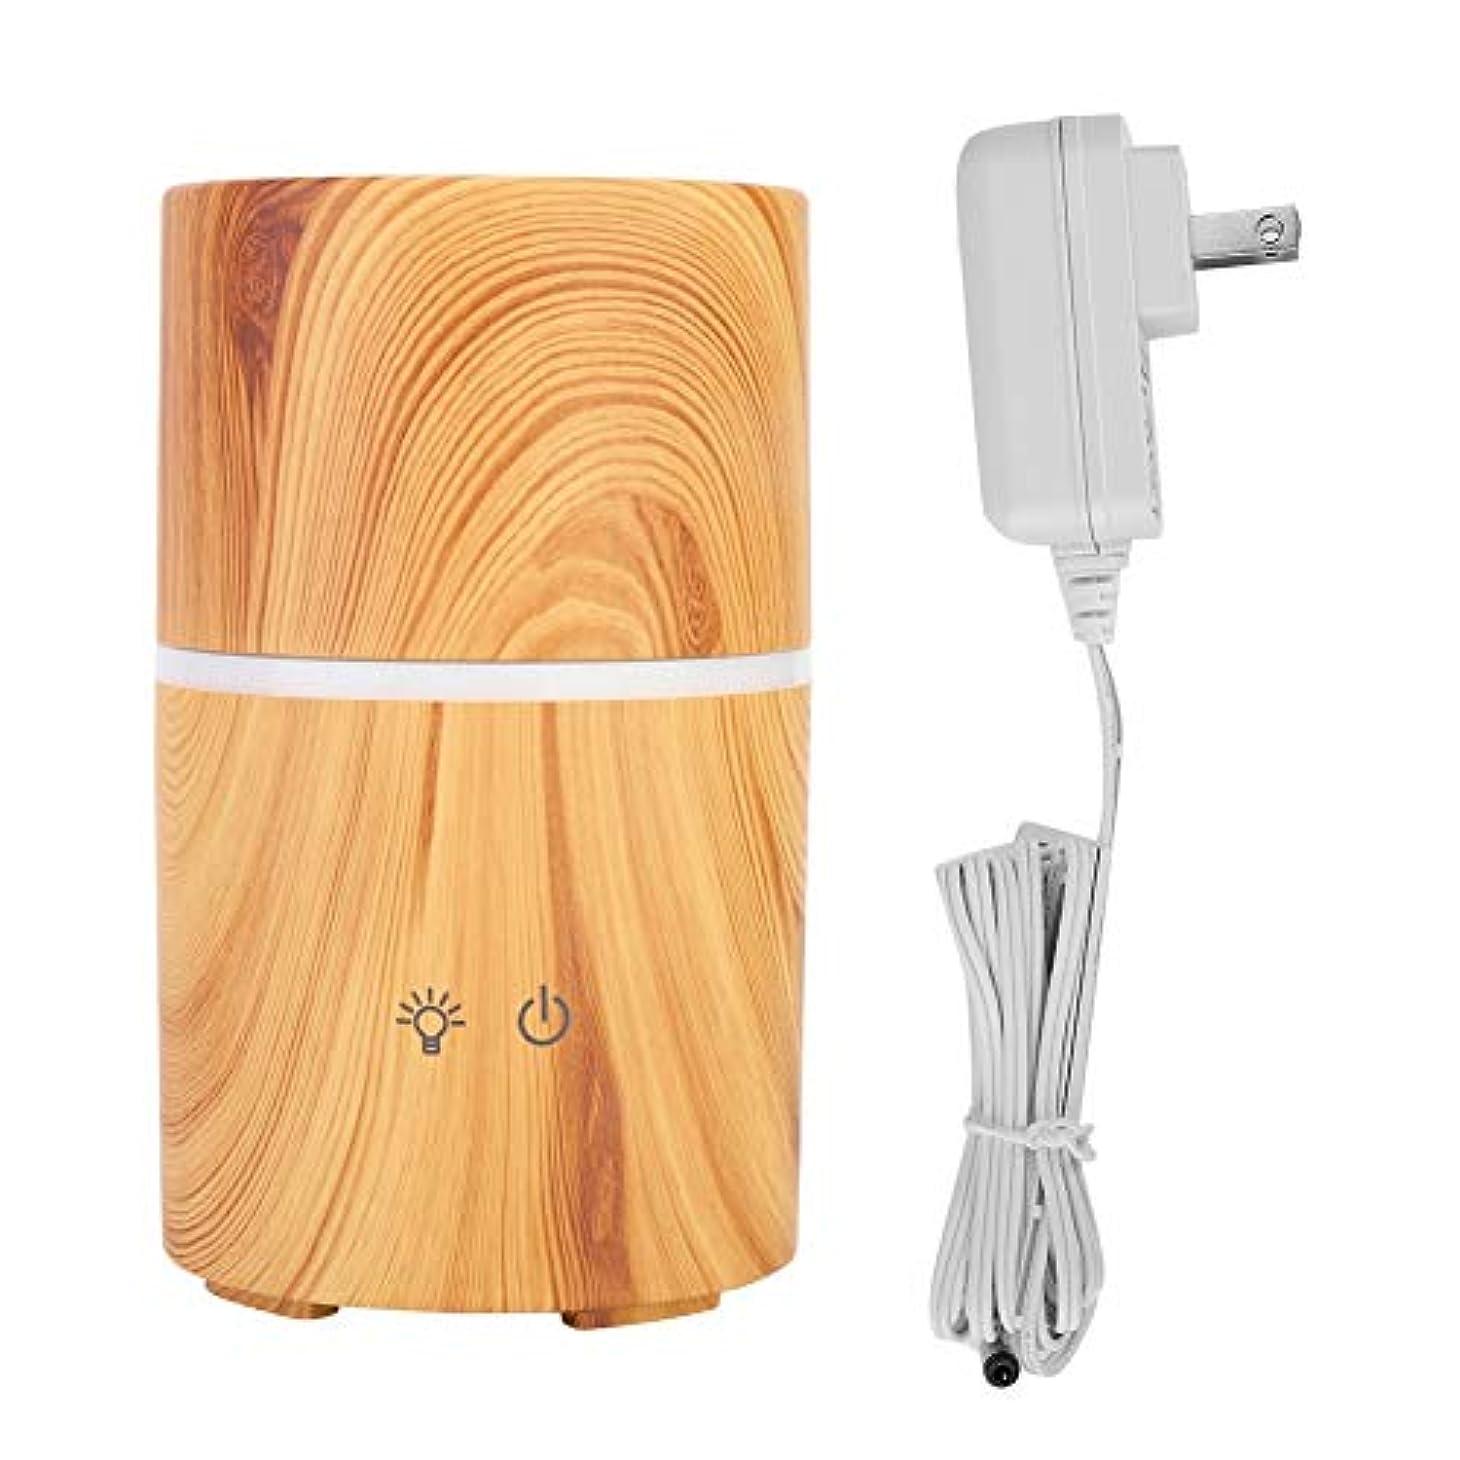 車両性差別セッティングアロマセラピーディフューザー、多目的木目LEDインテリジェントディフューザーワイヤレススピーカー加湿器家庭用装飾(USプラグ100-240V)